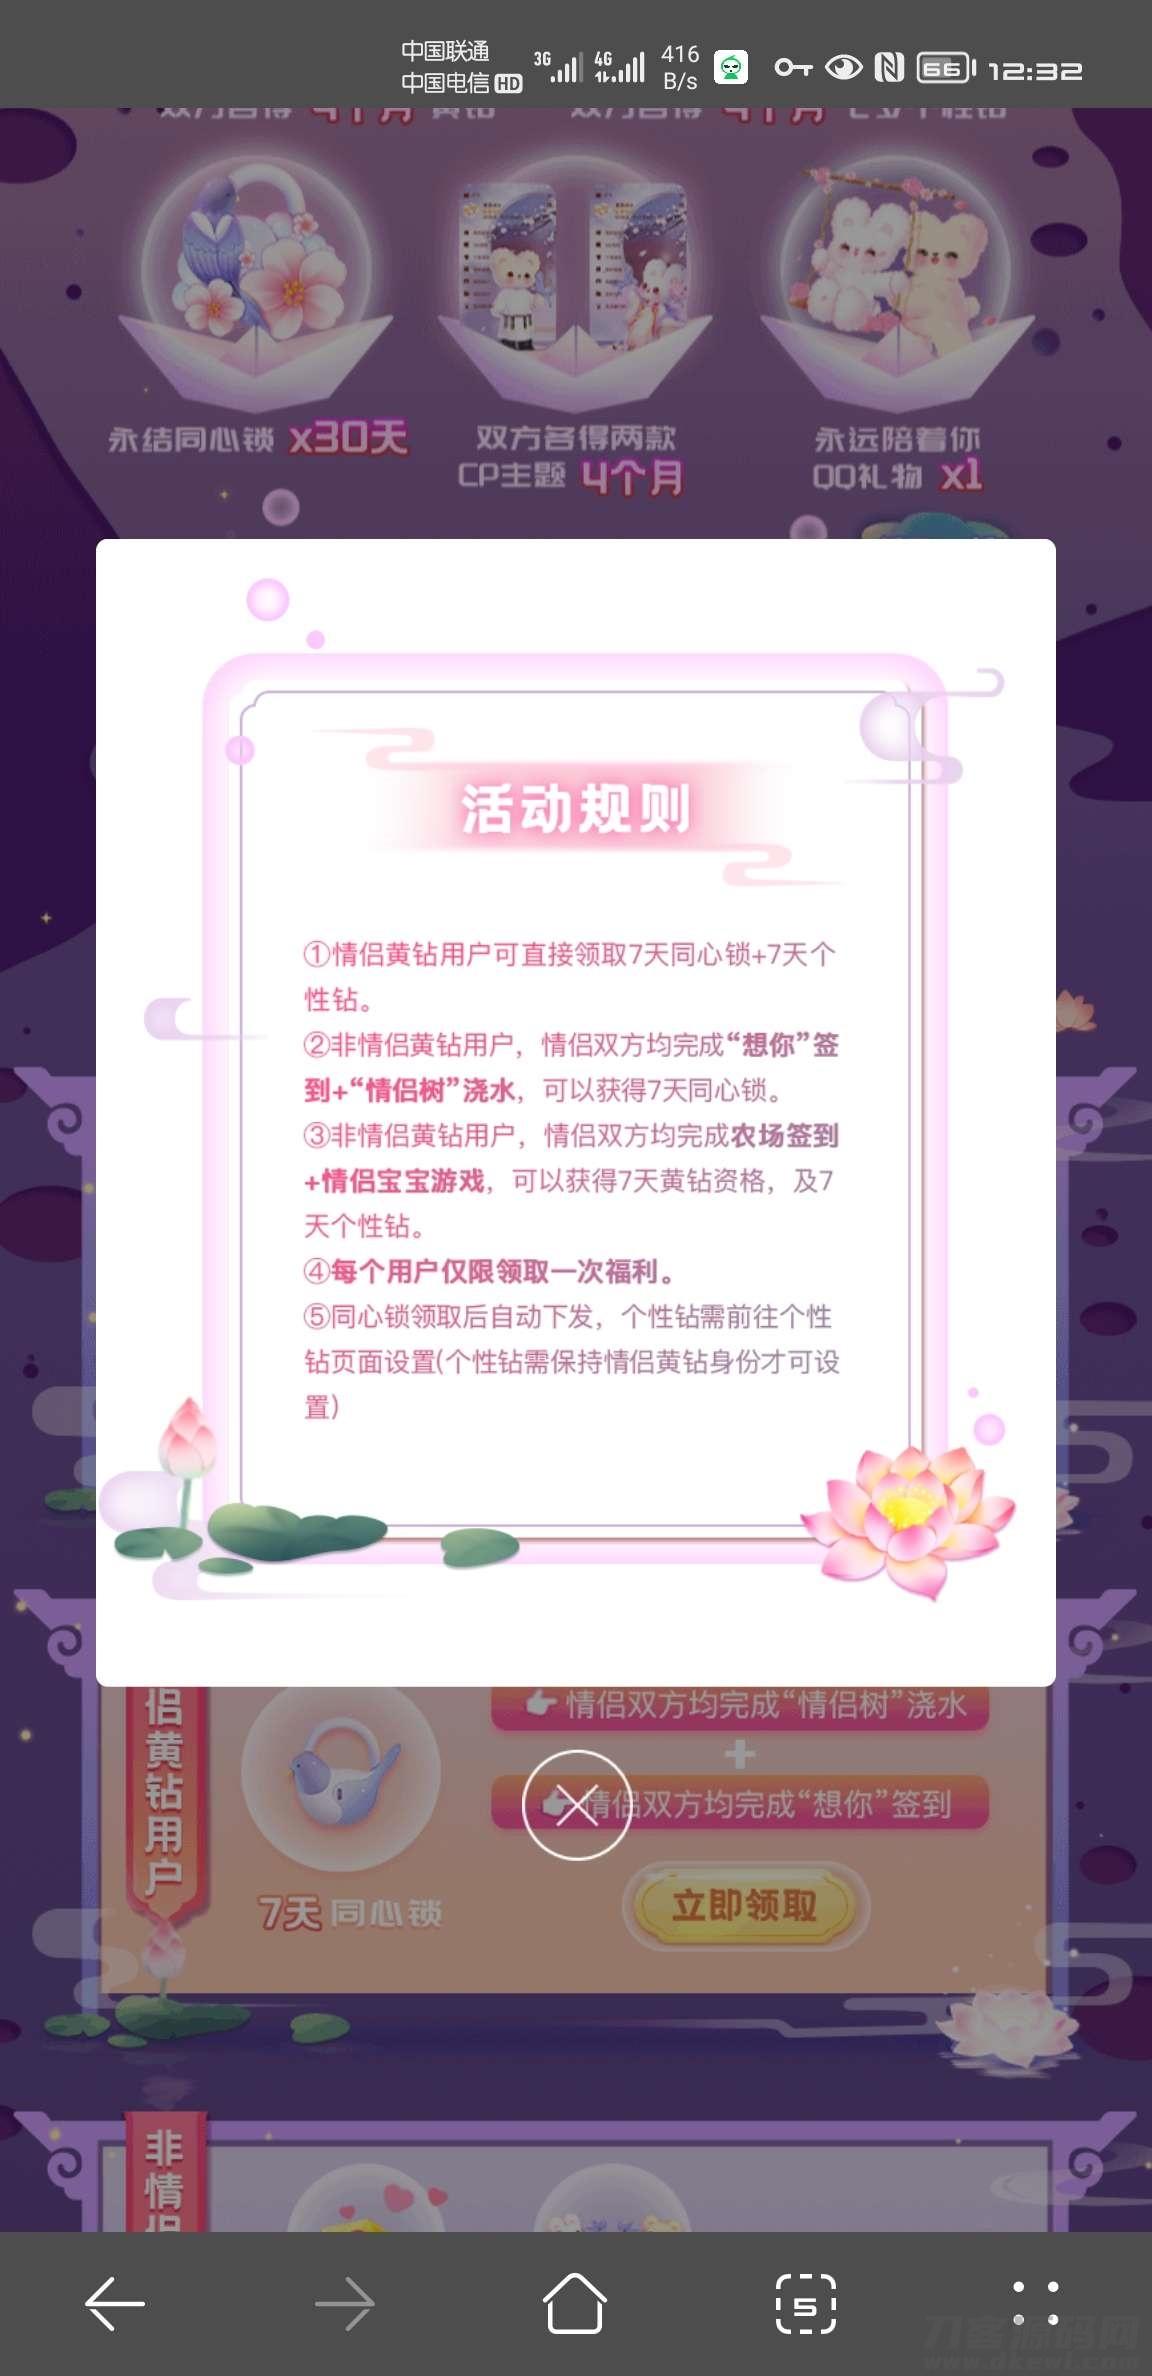 QQ情侣收到情侣黄钻7天插图